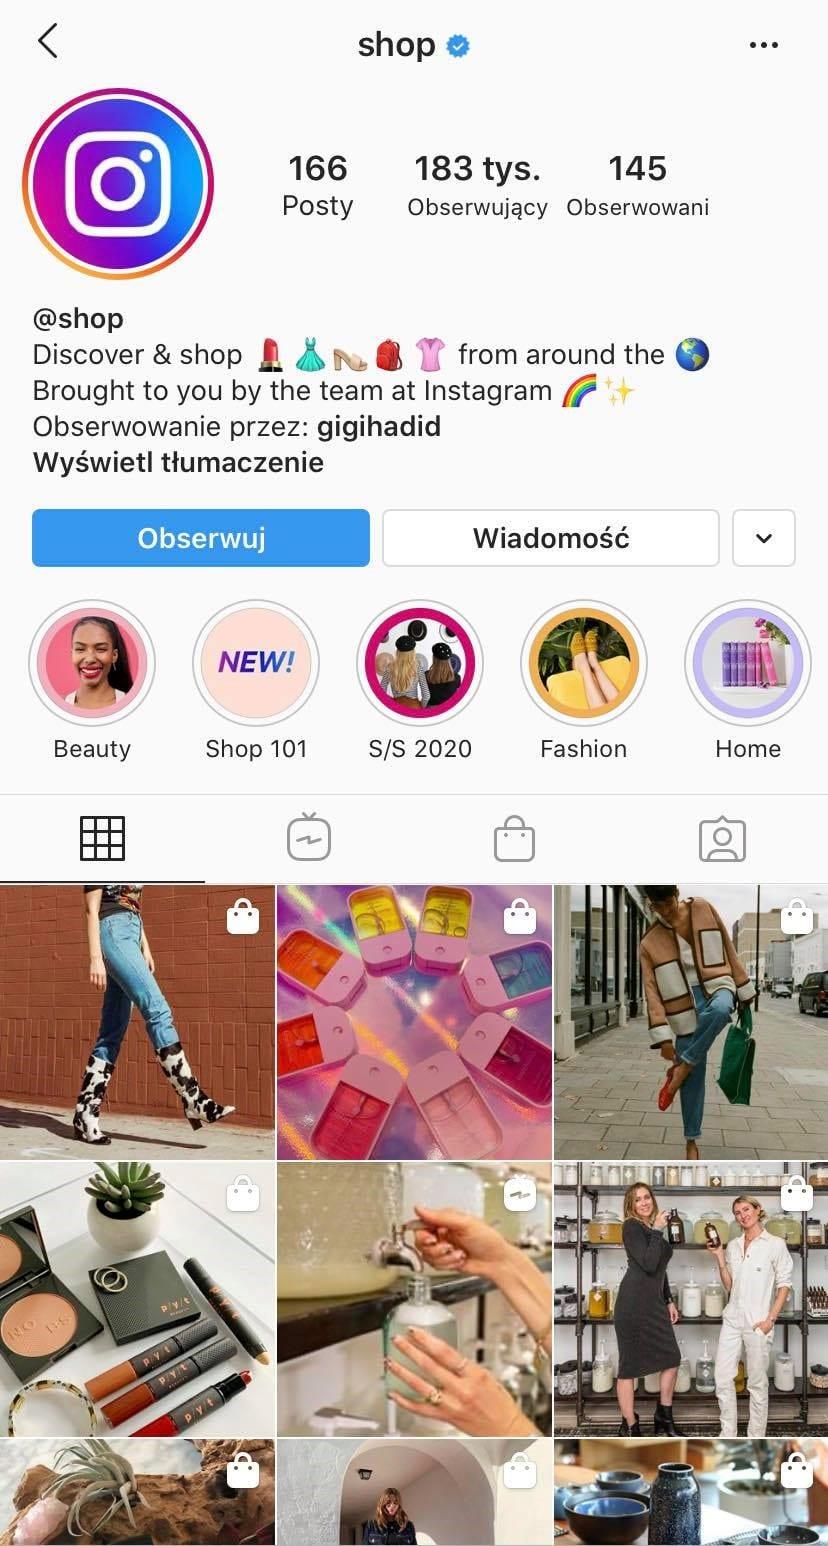 Instagram @shop